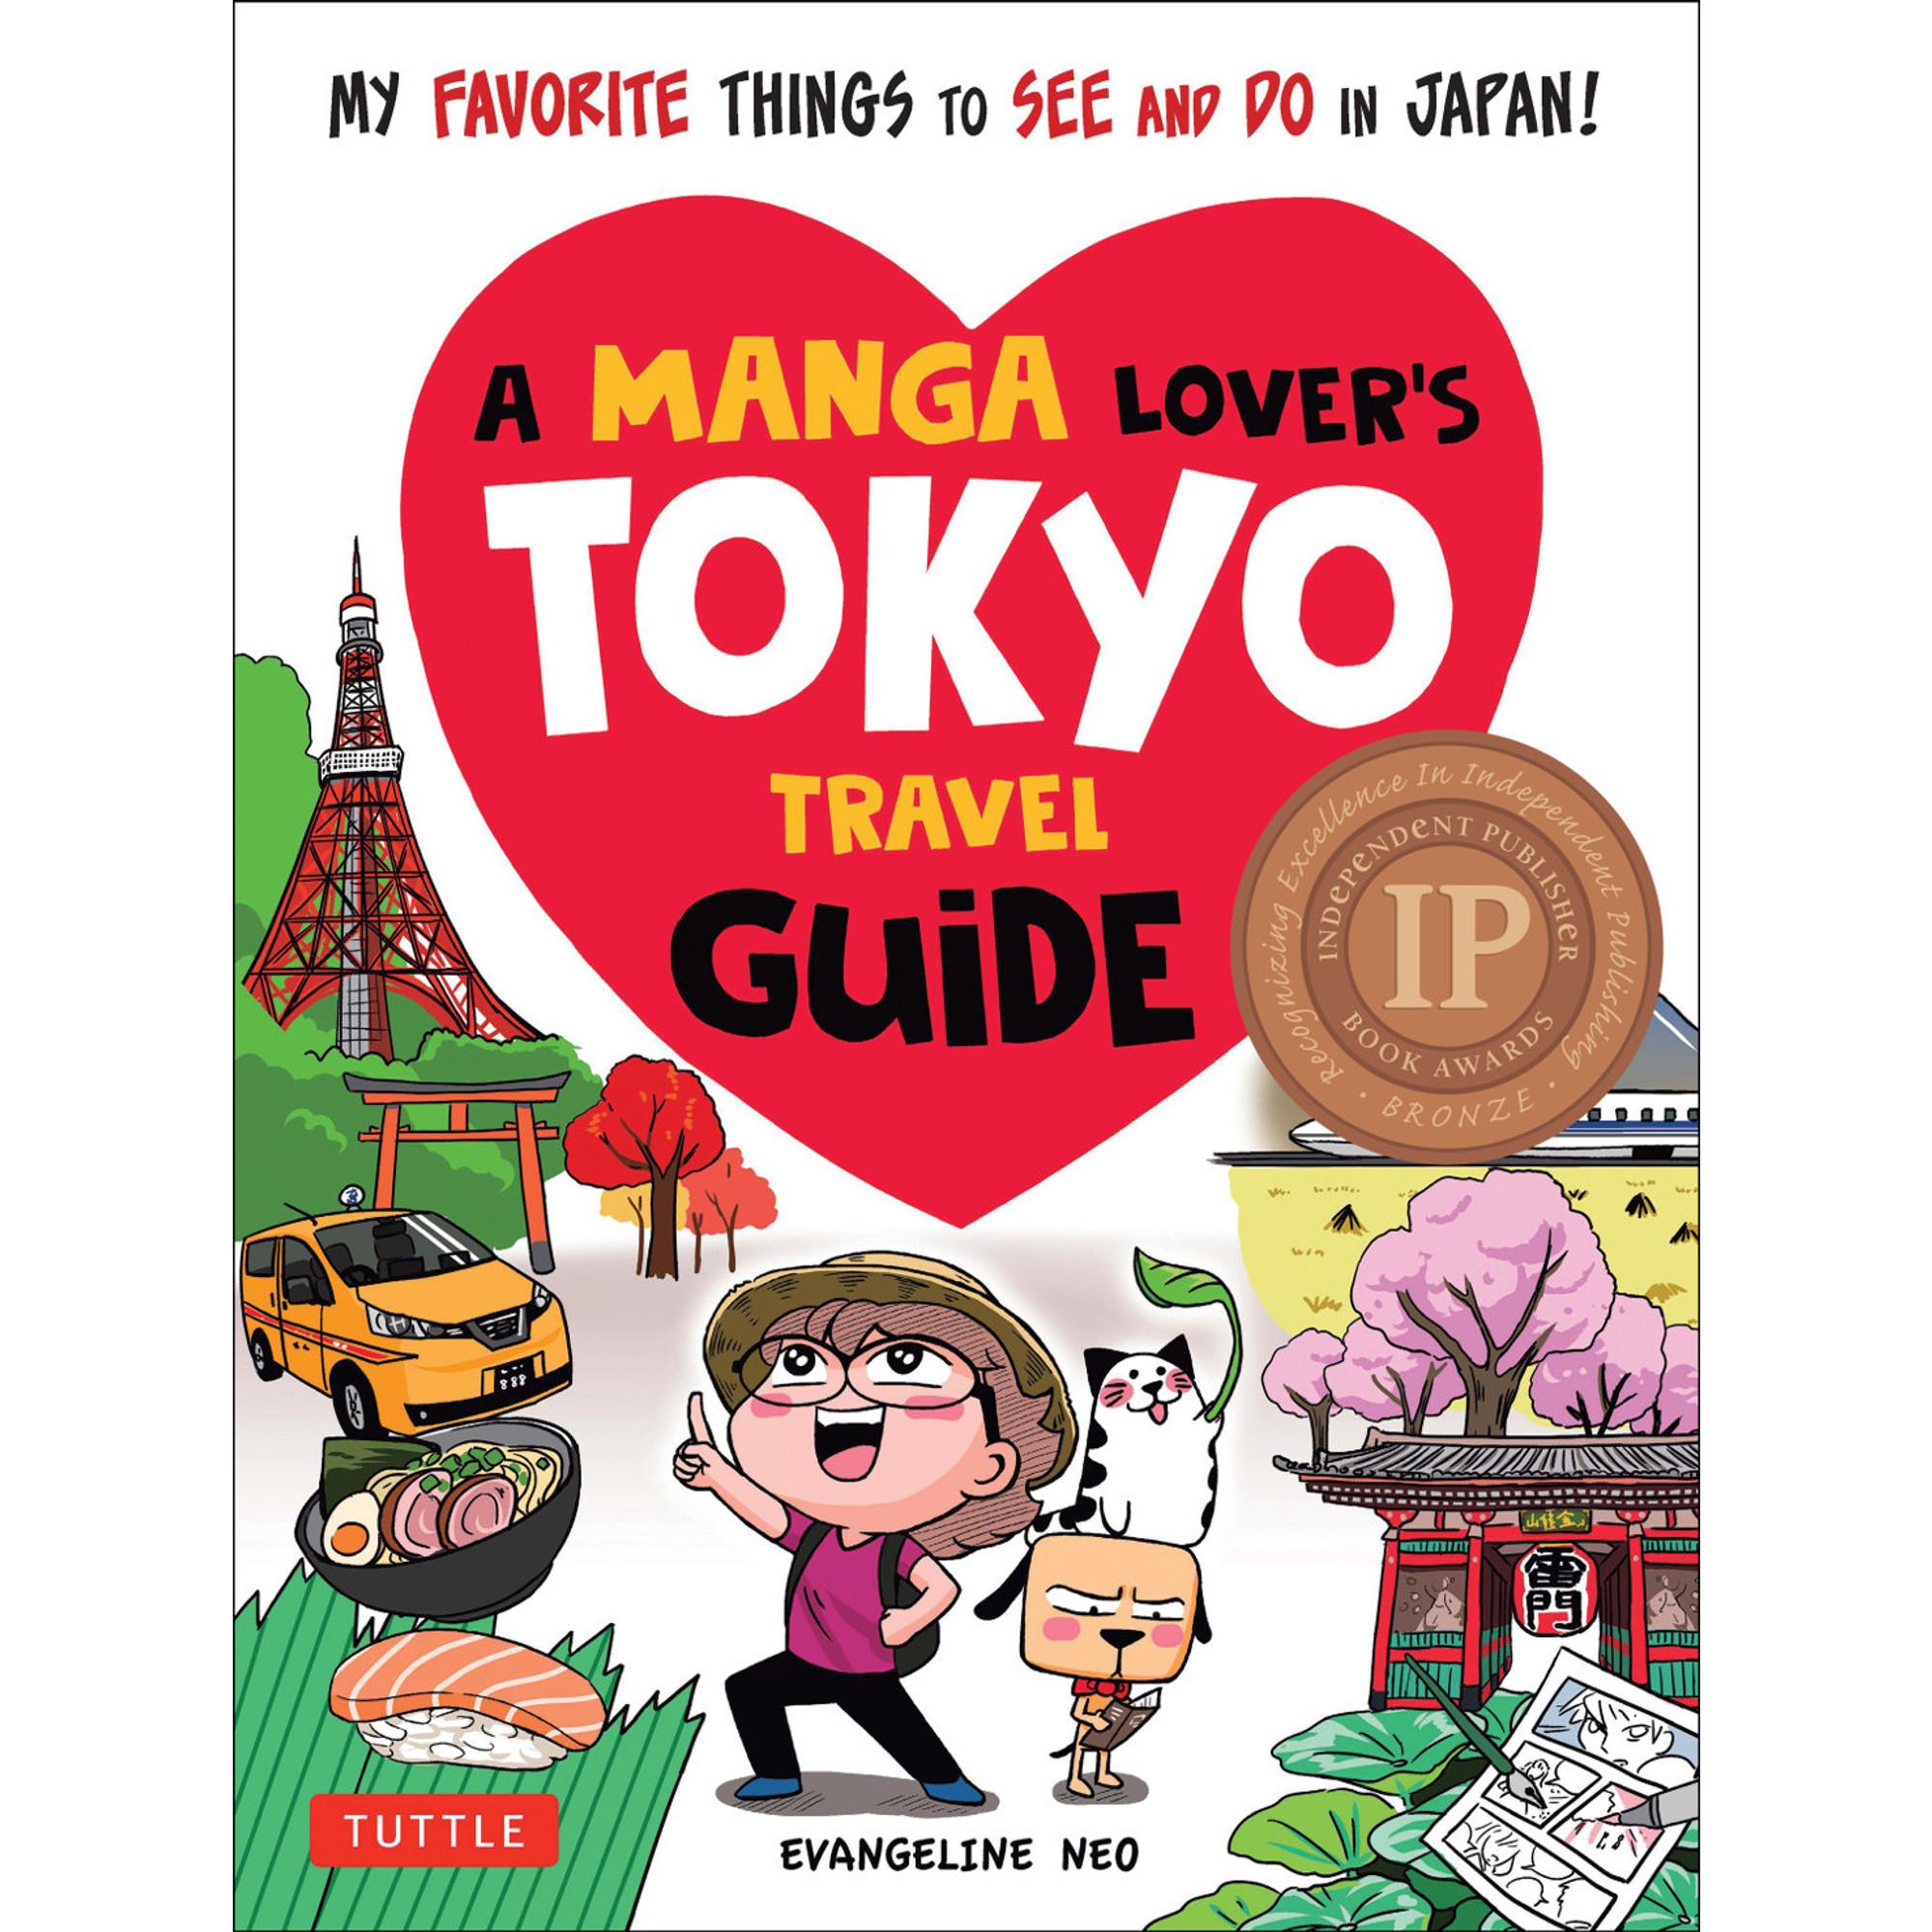 MANGA LOVER'S TOKYO TRAVEL GUIDE (Evangeline NEO) SC